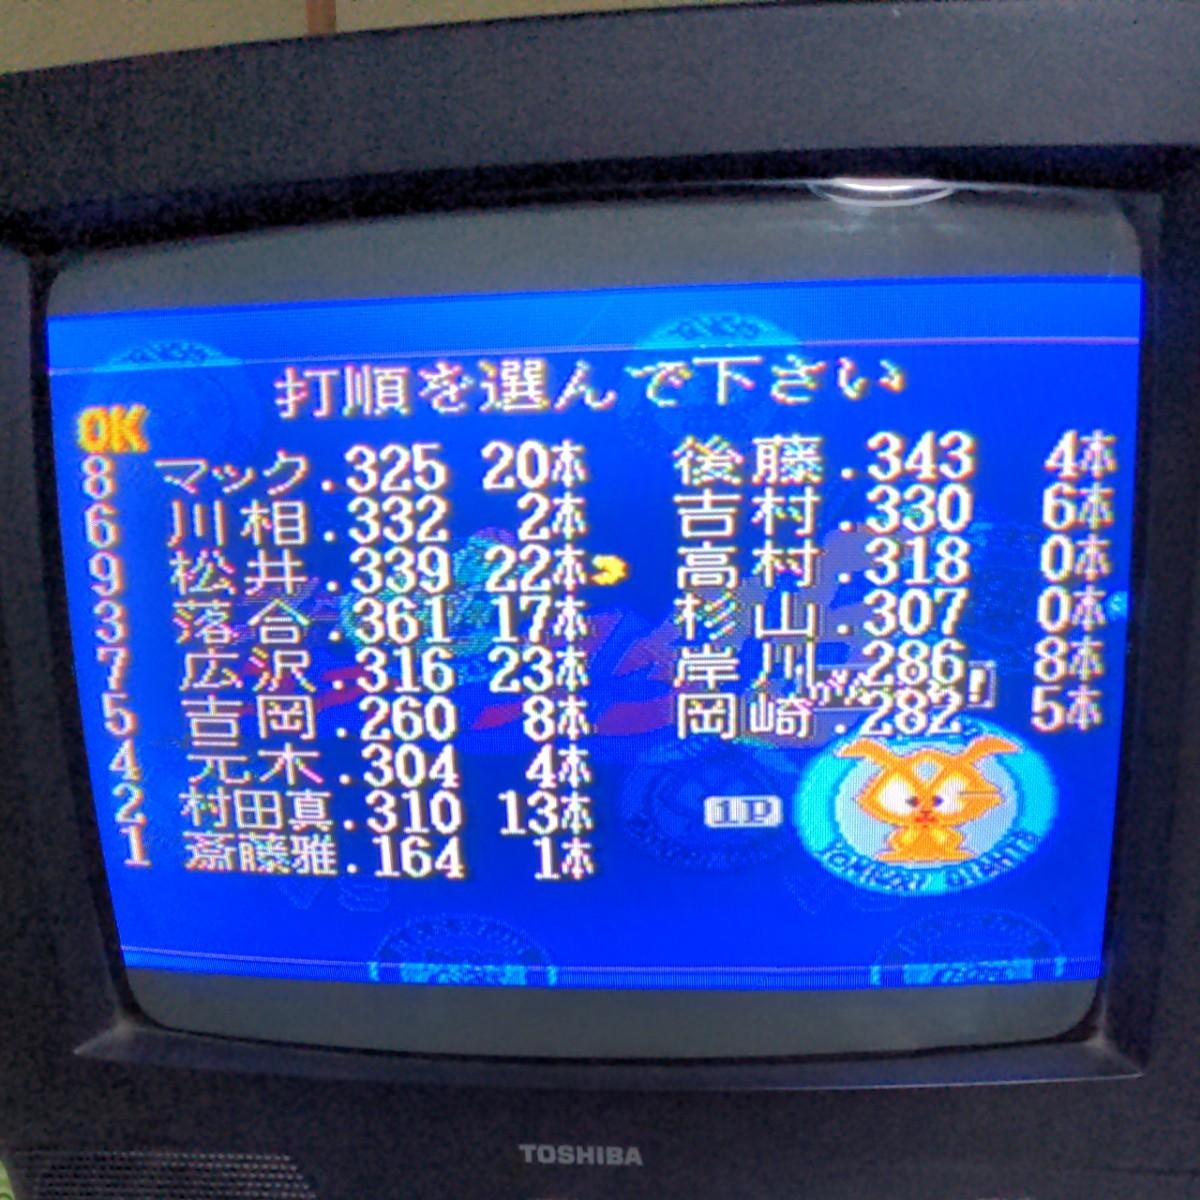 美品 スーパーファミスタ5  スーパーファミコン